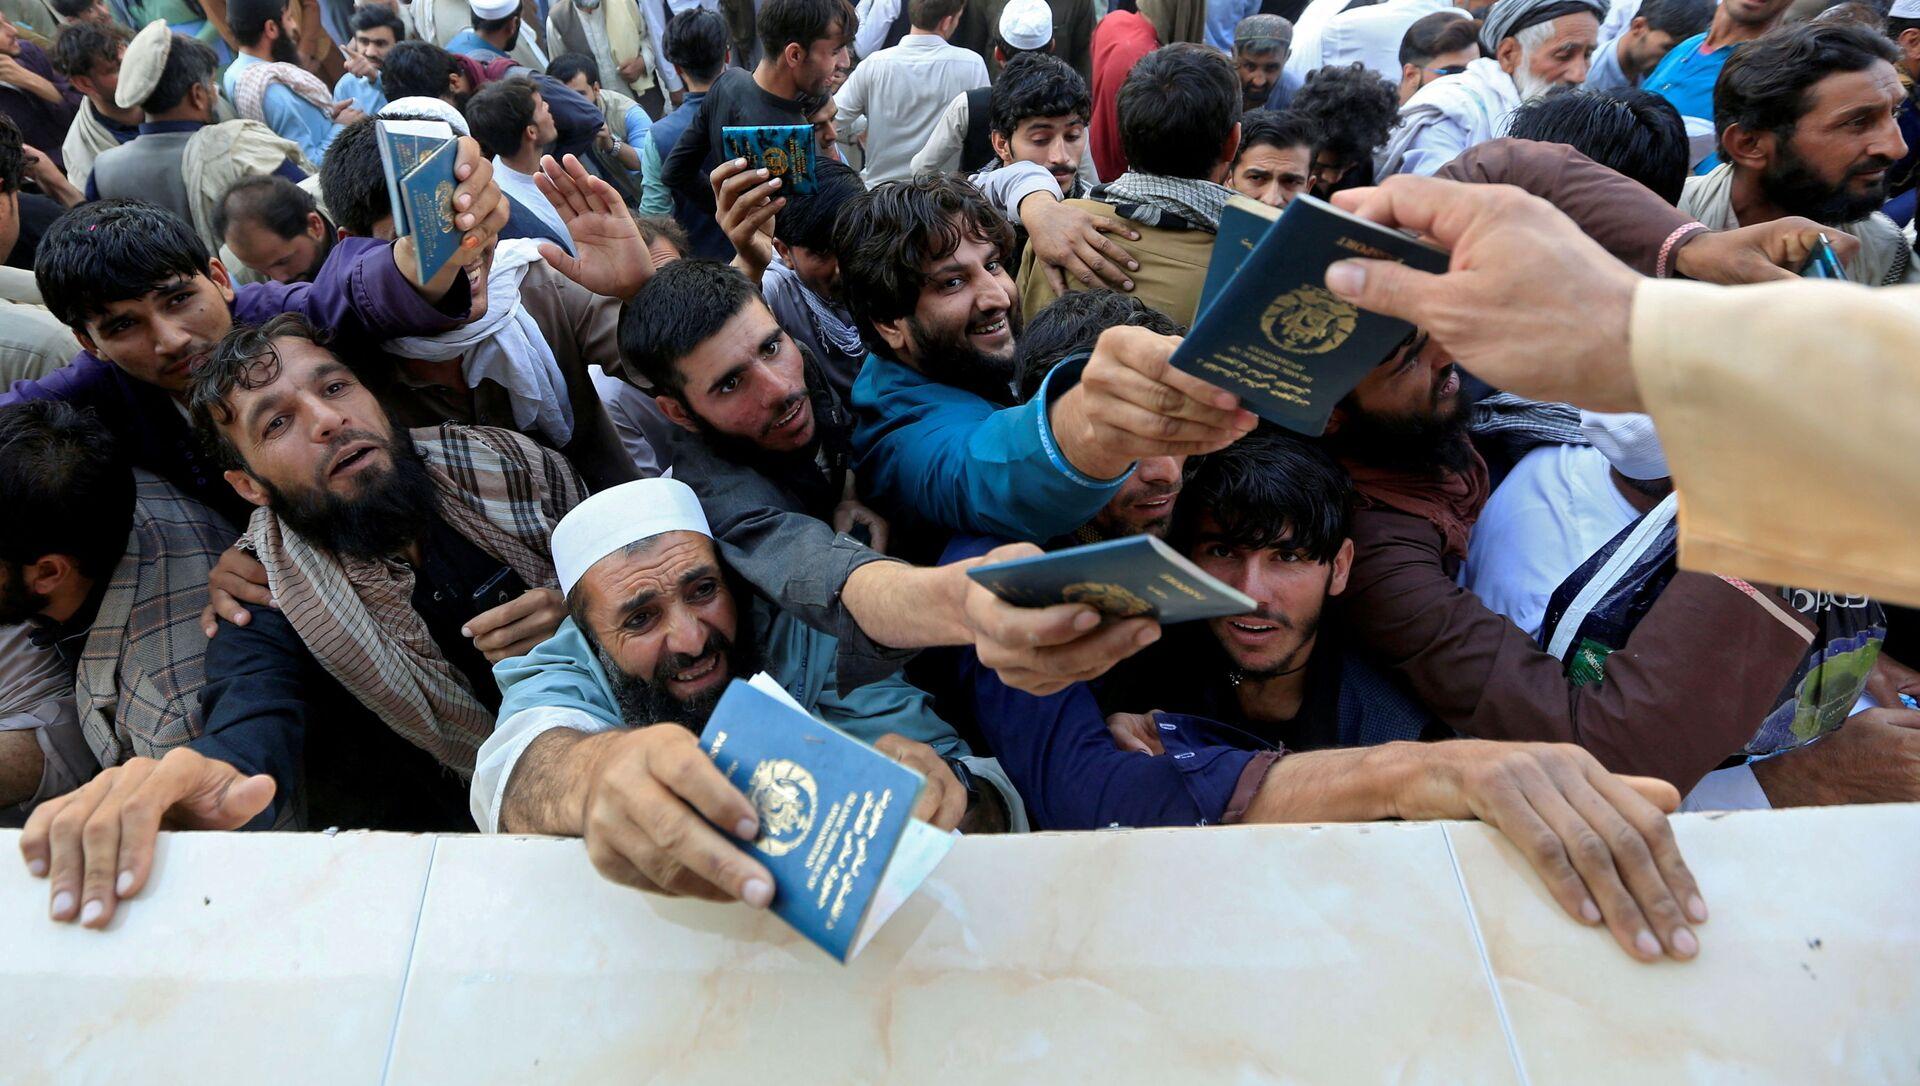 Афганские мужчины ждут, чтобы забрать жетоны, необходимые для подачи заявления на получение визы в Пакистан, в Джелалабаде, Афганистан - Sputnik Азербайджан, 1920, 17.09.2021